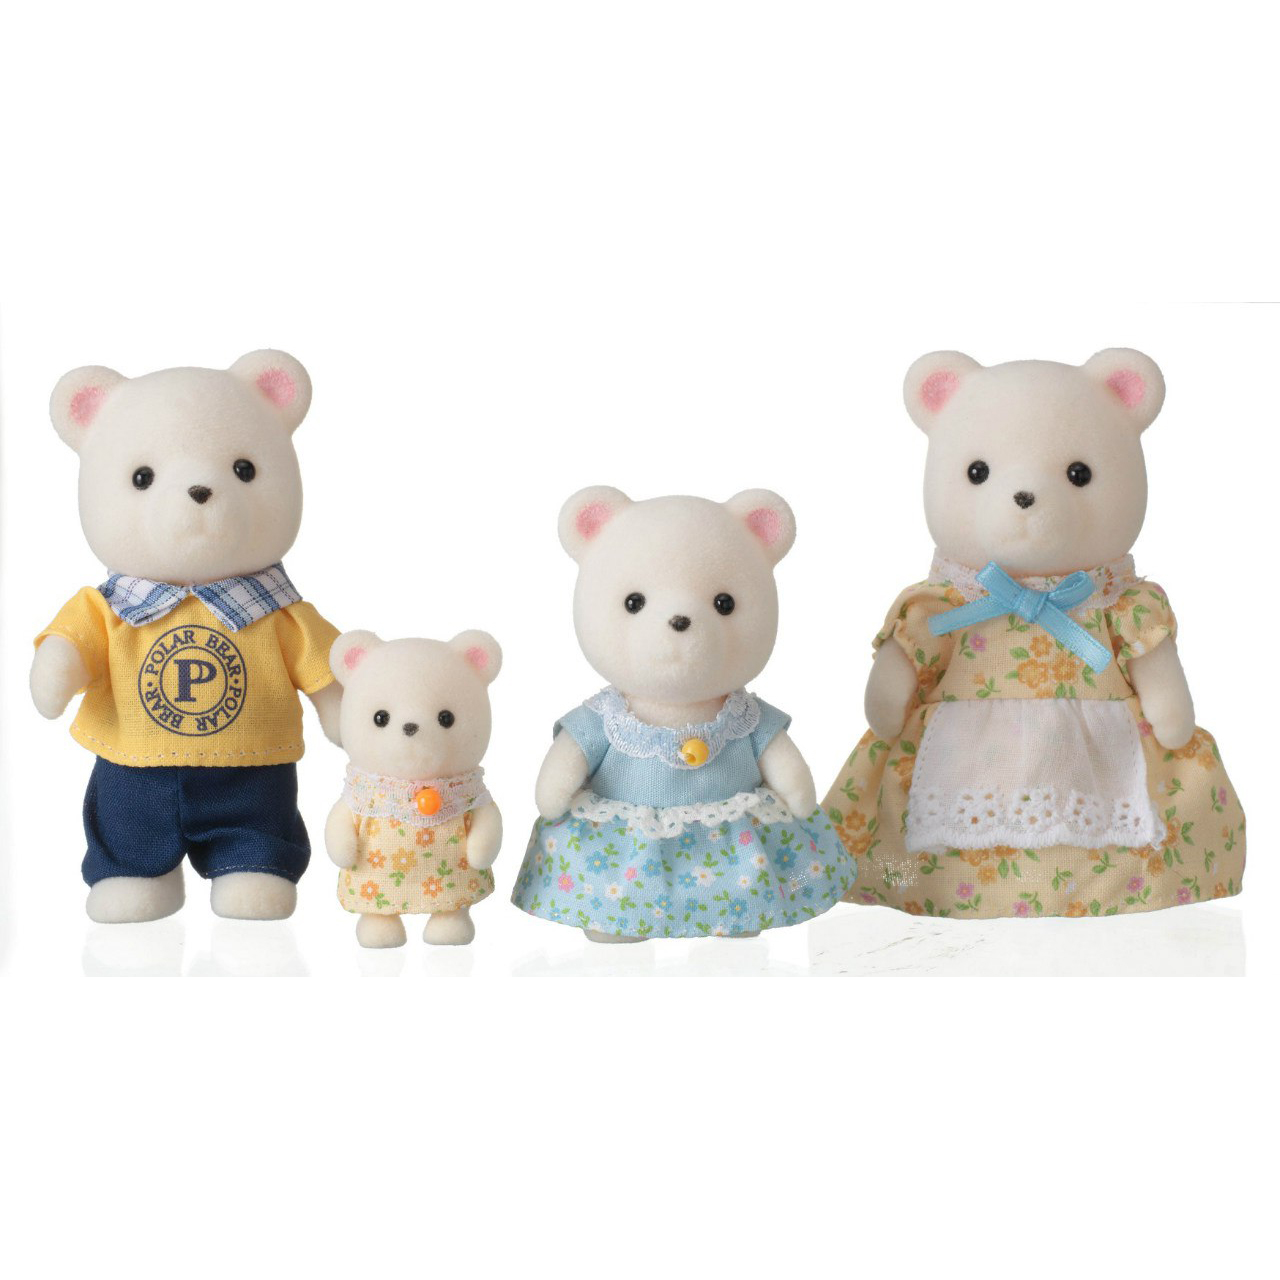 Набор Сильвани Фмили - Семь белых медведейСемьи и малыши<br>Набор Сильвани Фмили - Семь белых медведей<br>